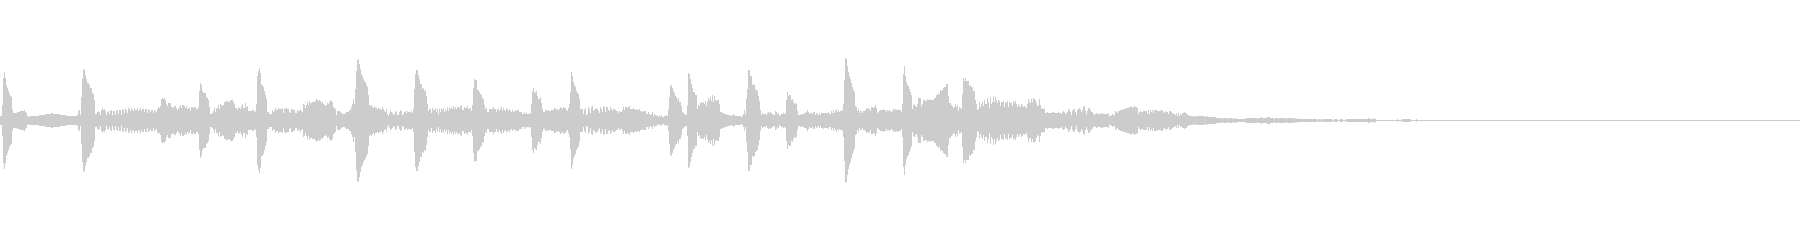 壊れた音の未再生の波形